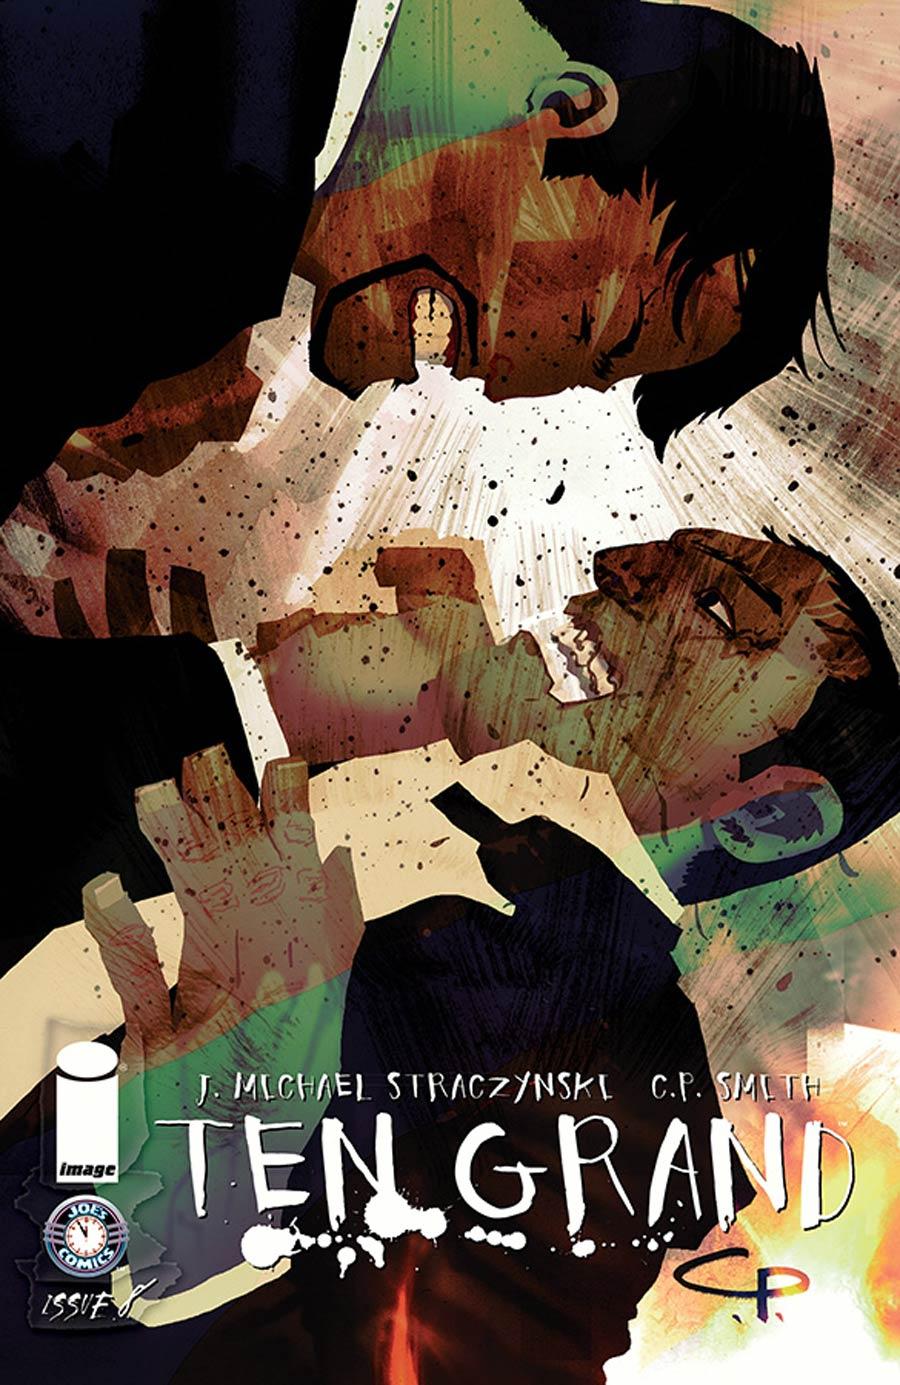 Ten Grand #8 Cover A CP Smith